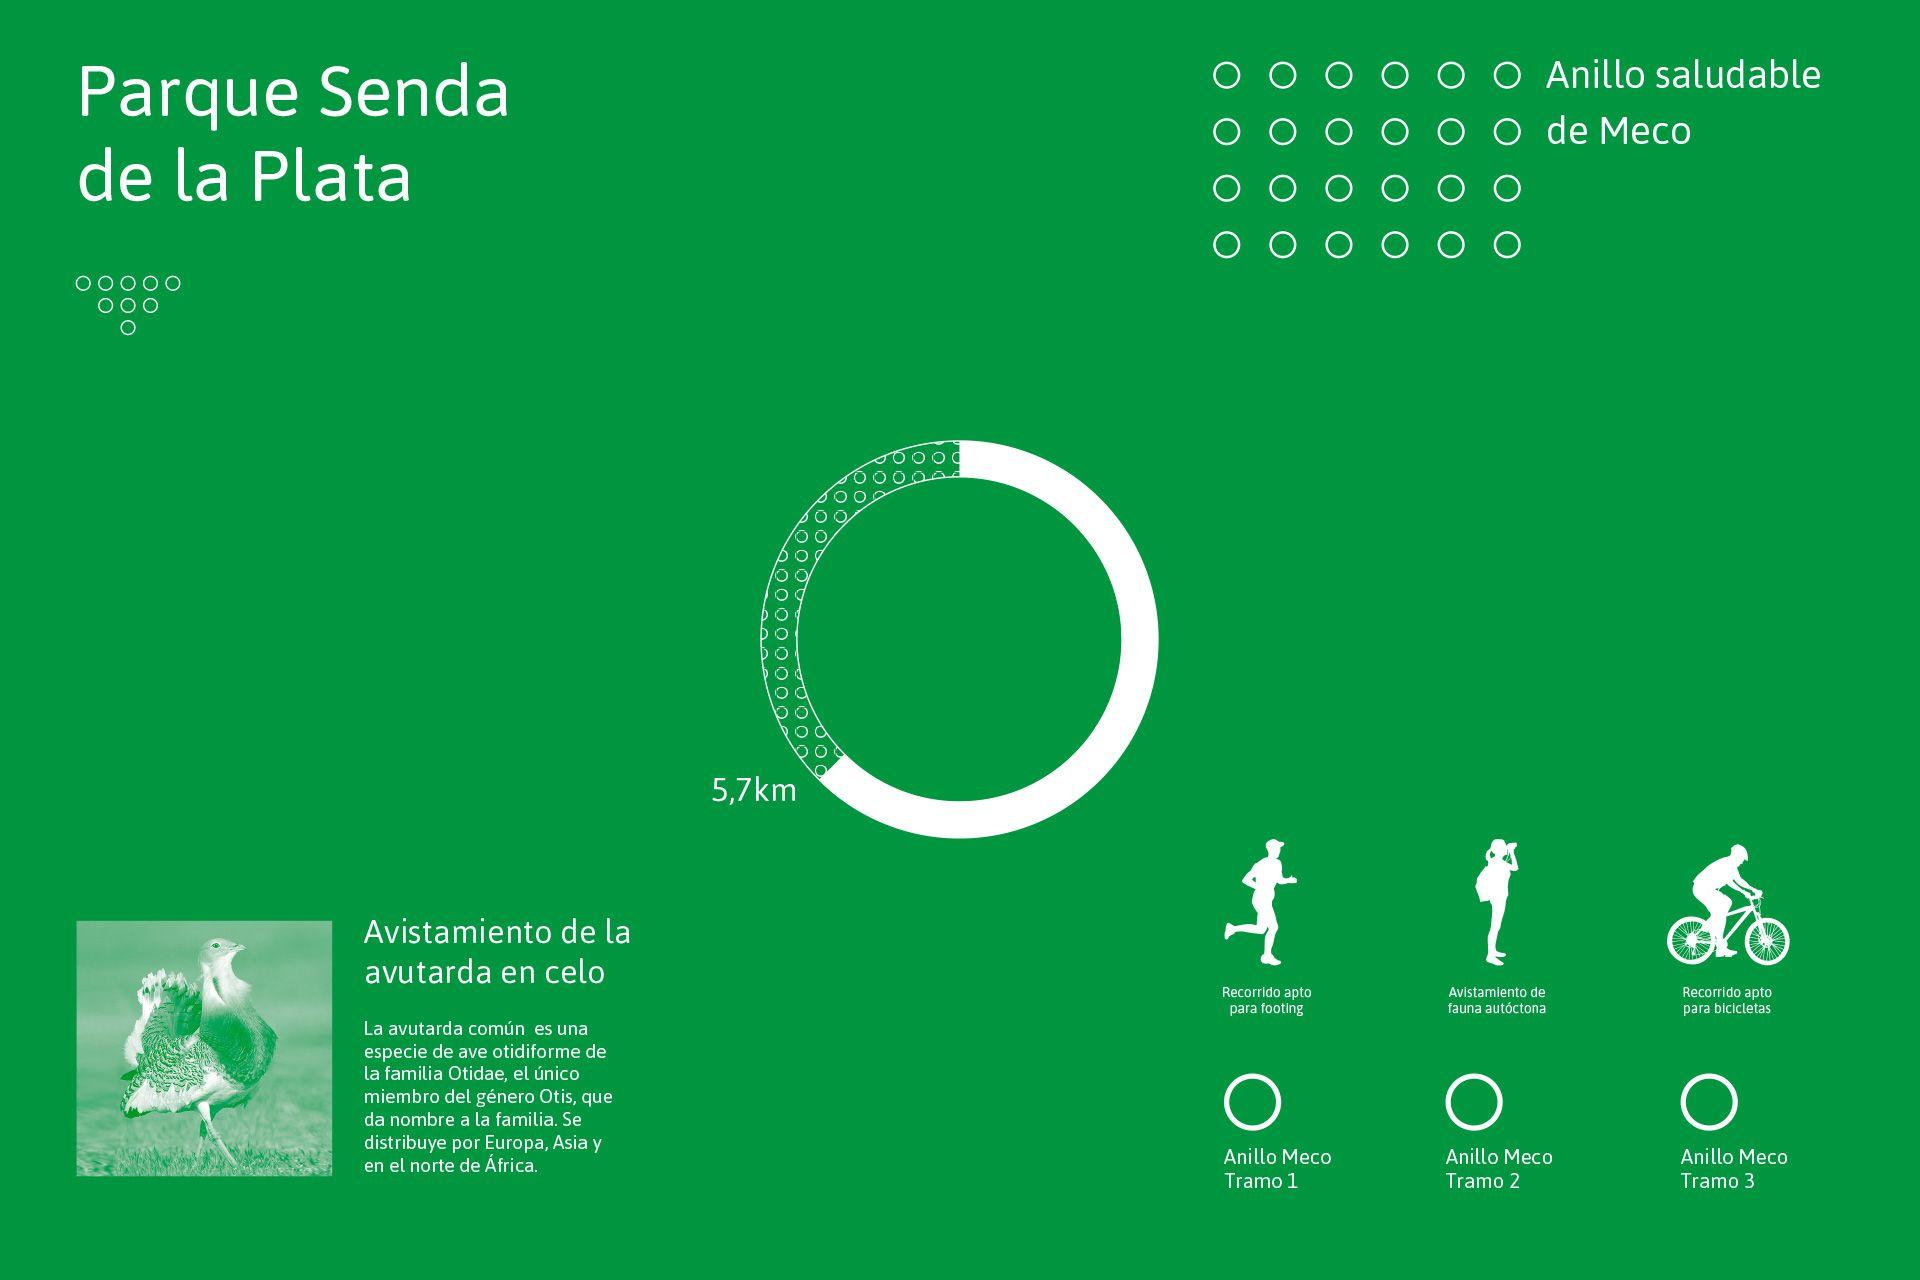 Diseño de infografía para Anillo Saludable, Ayto. de Meco